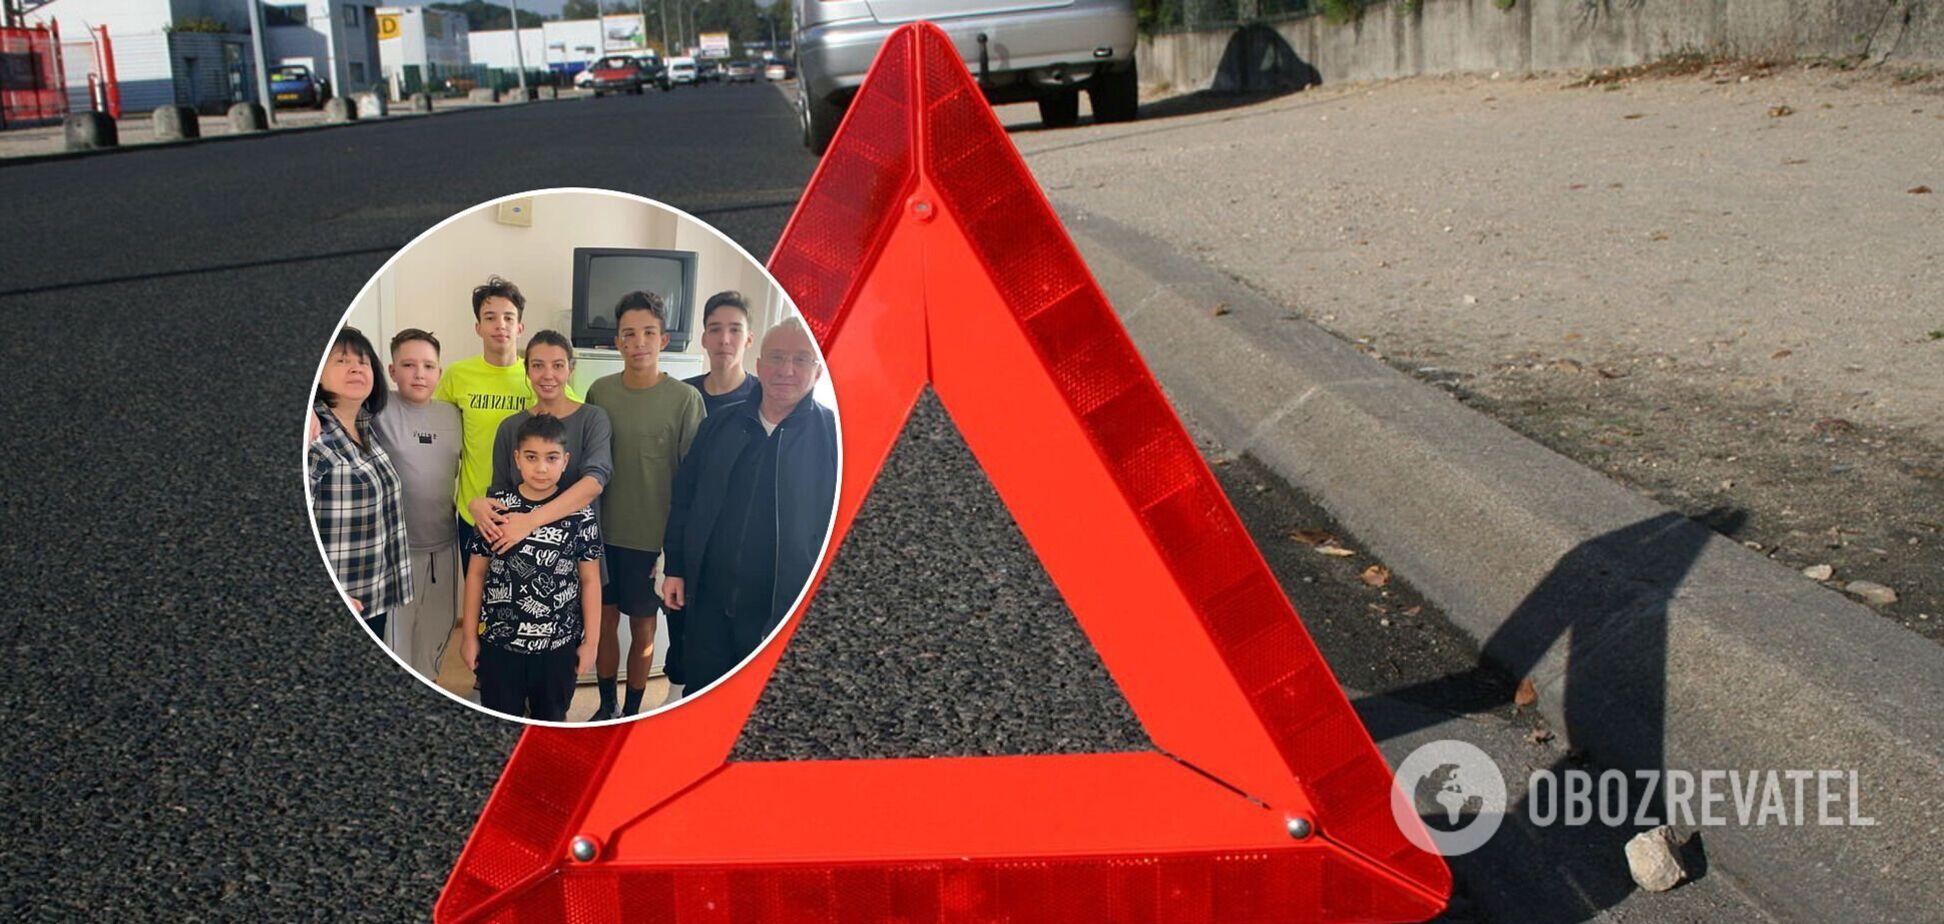 Сын нардепа Кучеренко попал в аварию. Фото последствий